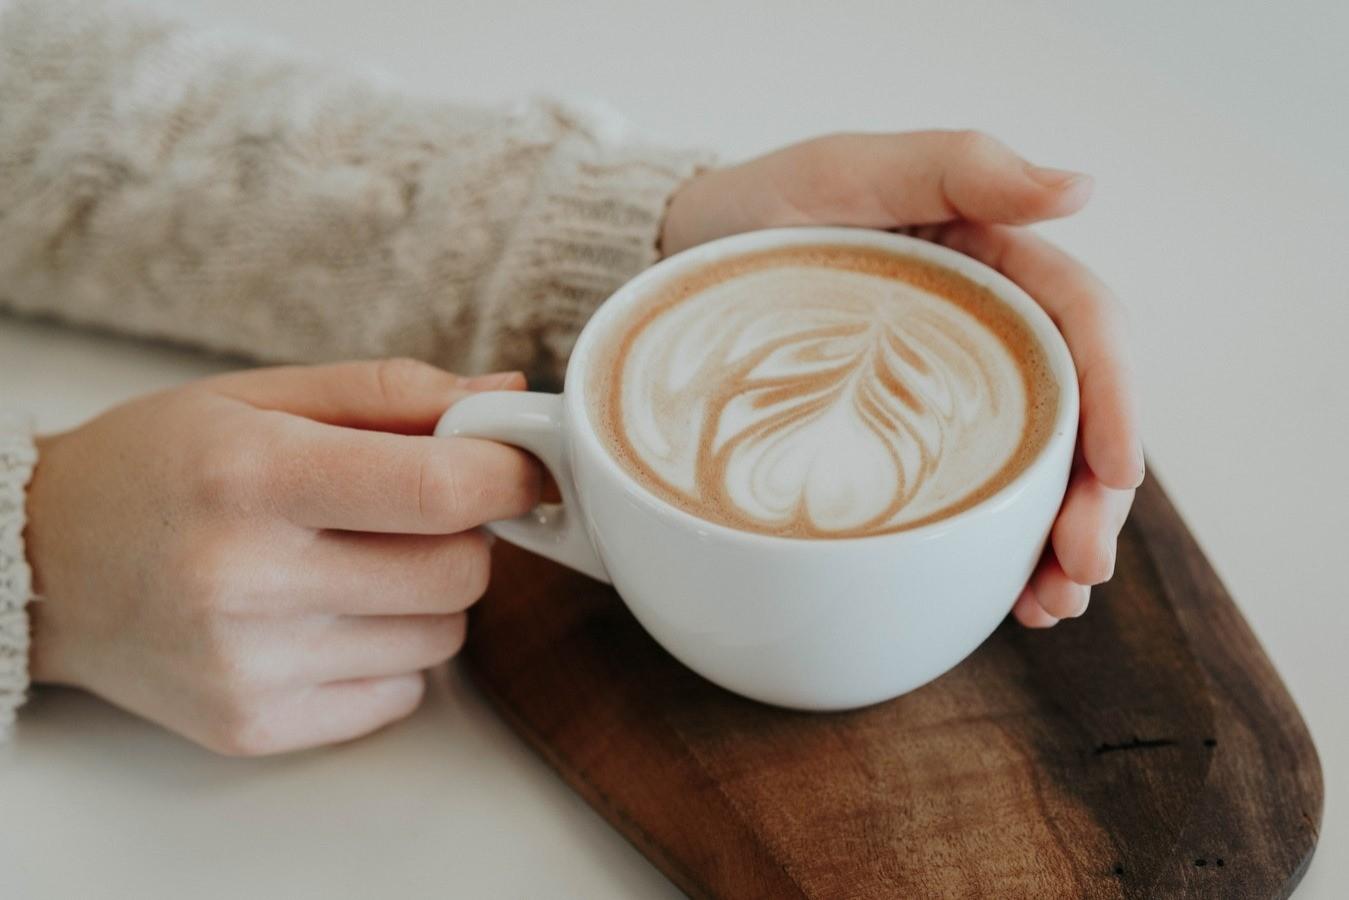 Чашка кофе в день может продлить жизнь на три месяца